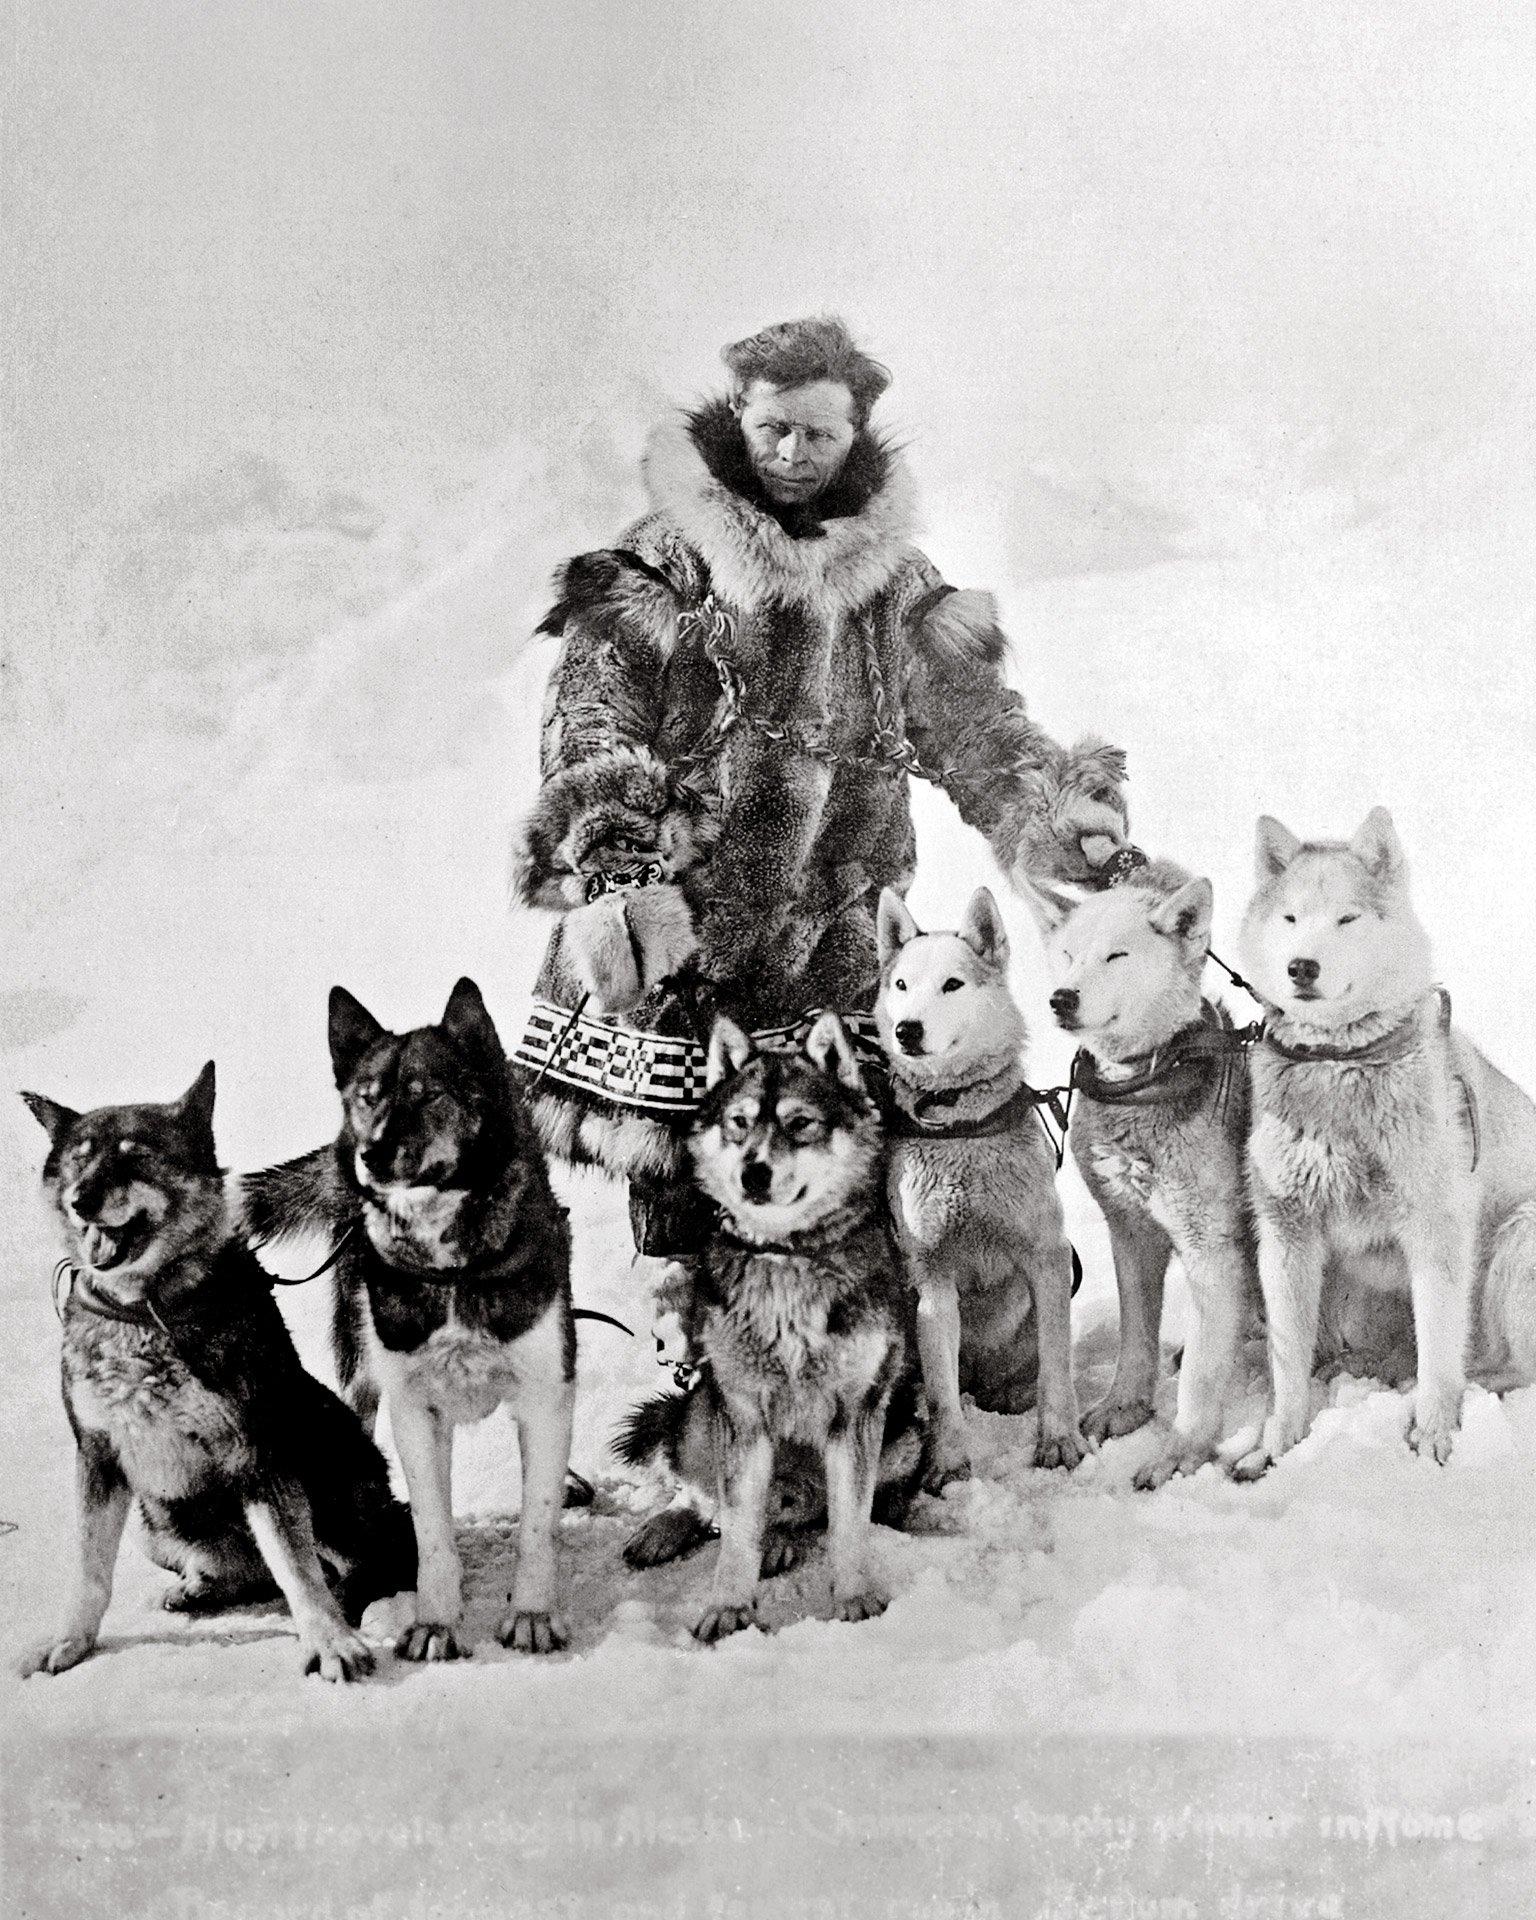 Câu chuyện khó tin về những chú chó dũng cảm đã cứu sống cả một thị trấn - Ảnh 3.